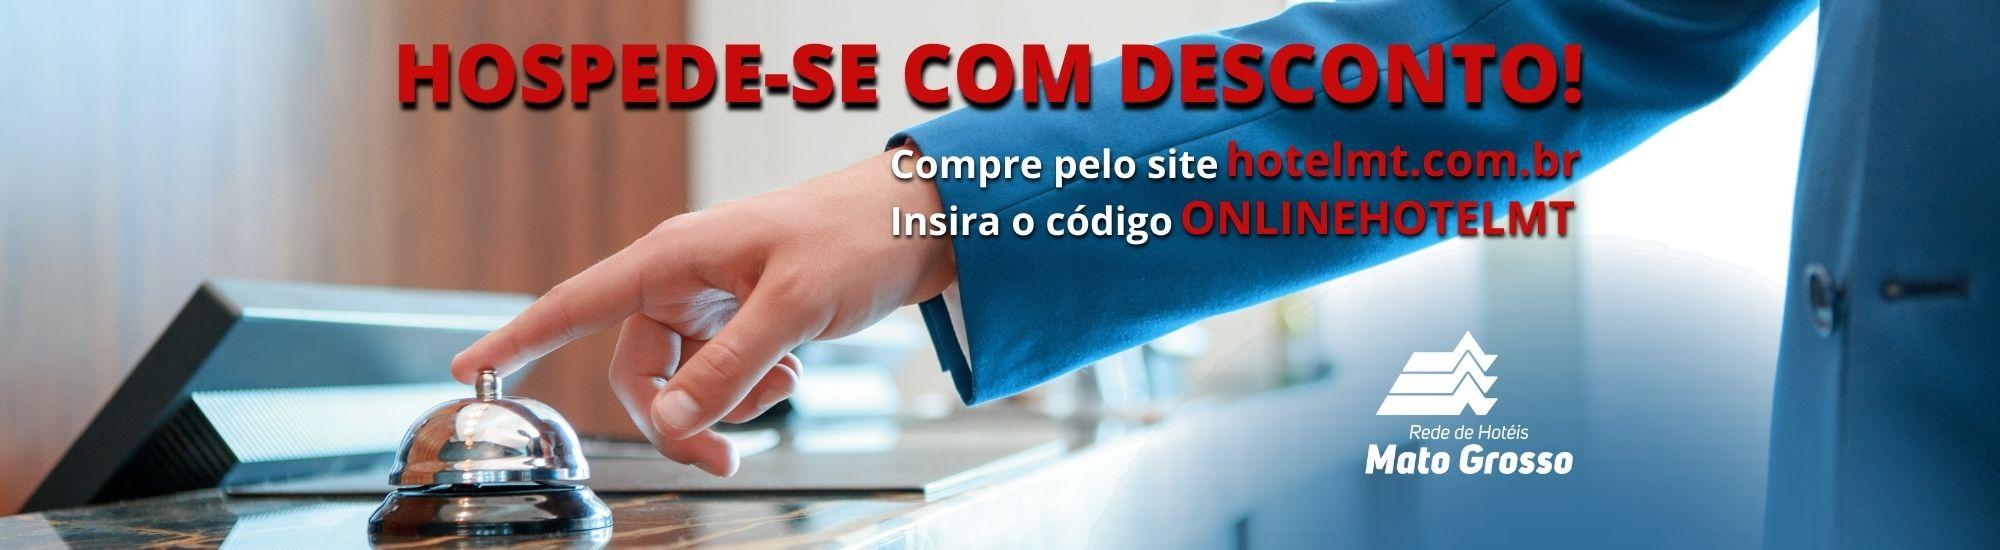 Ganhe desconto comprando pelo nosso site, é prático, rápido e seguro!